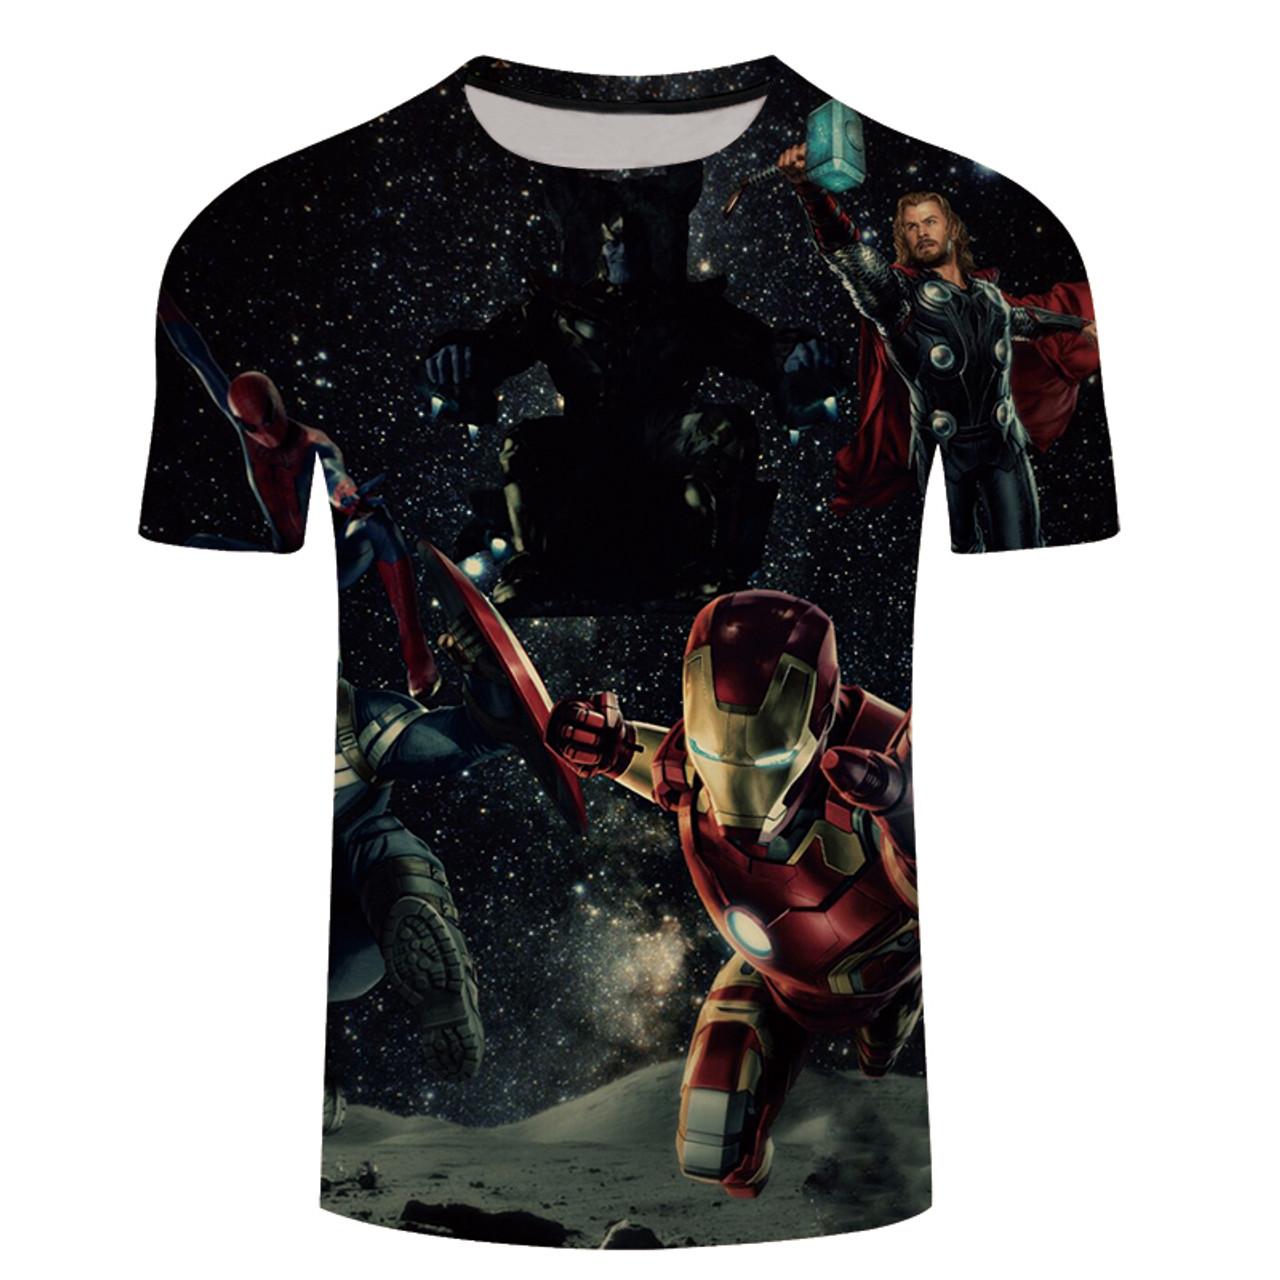 2926ed95672c90 ... 2018 Avengers 3 Iron spider man 3D Print T-shirt Men/Women Marvel  Superhero ...